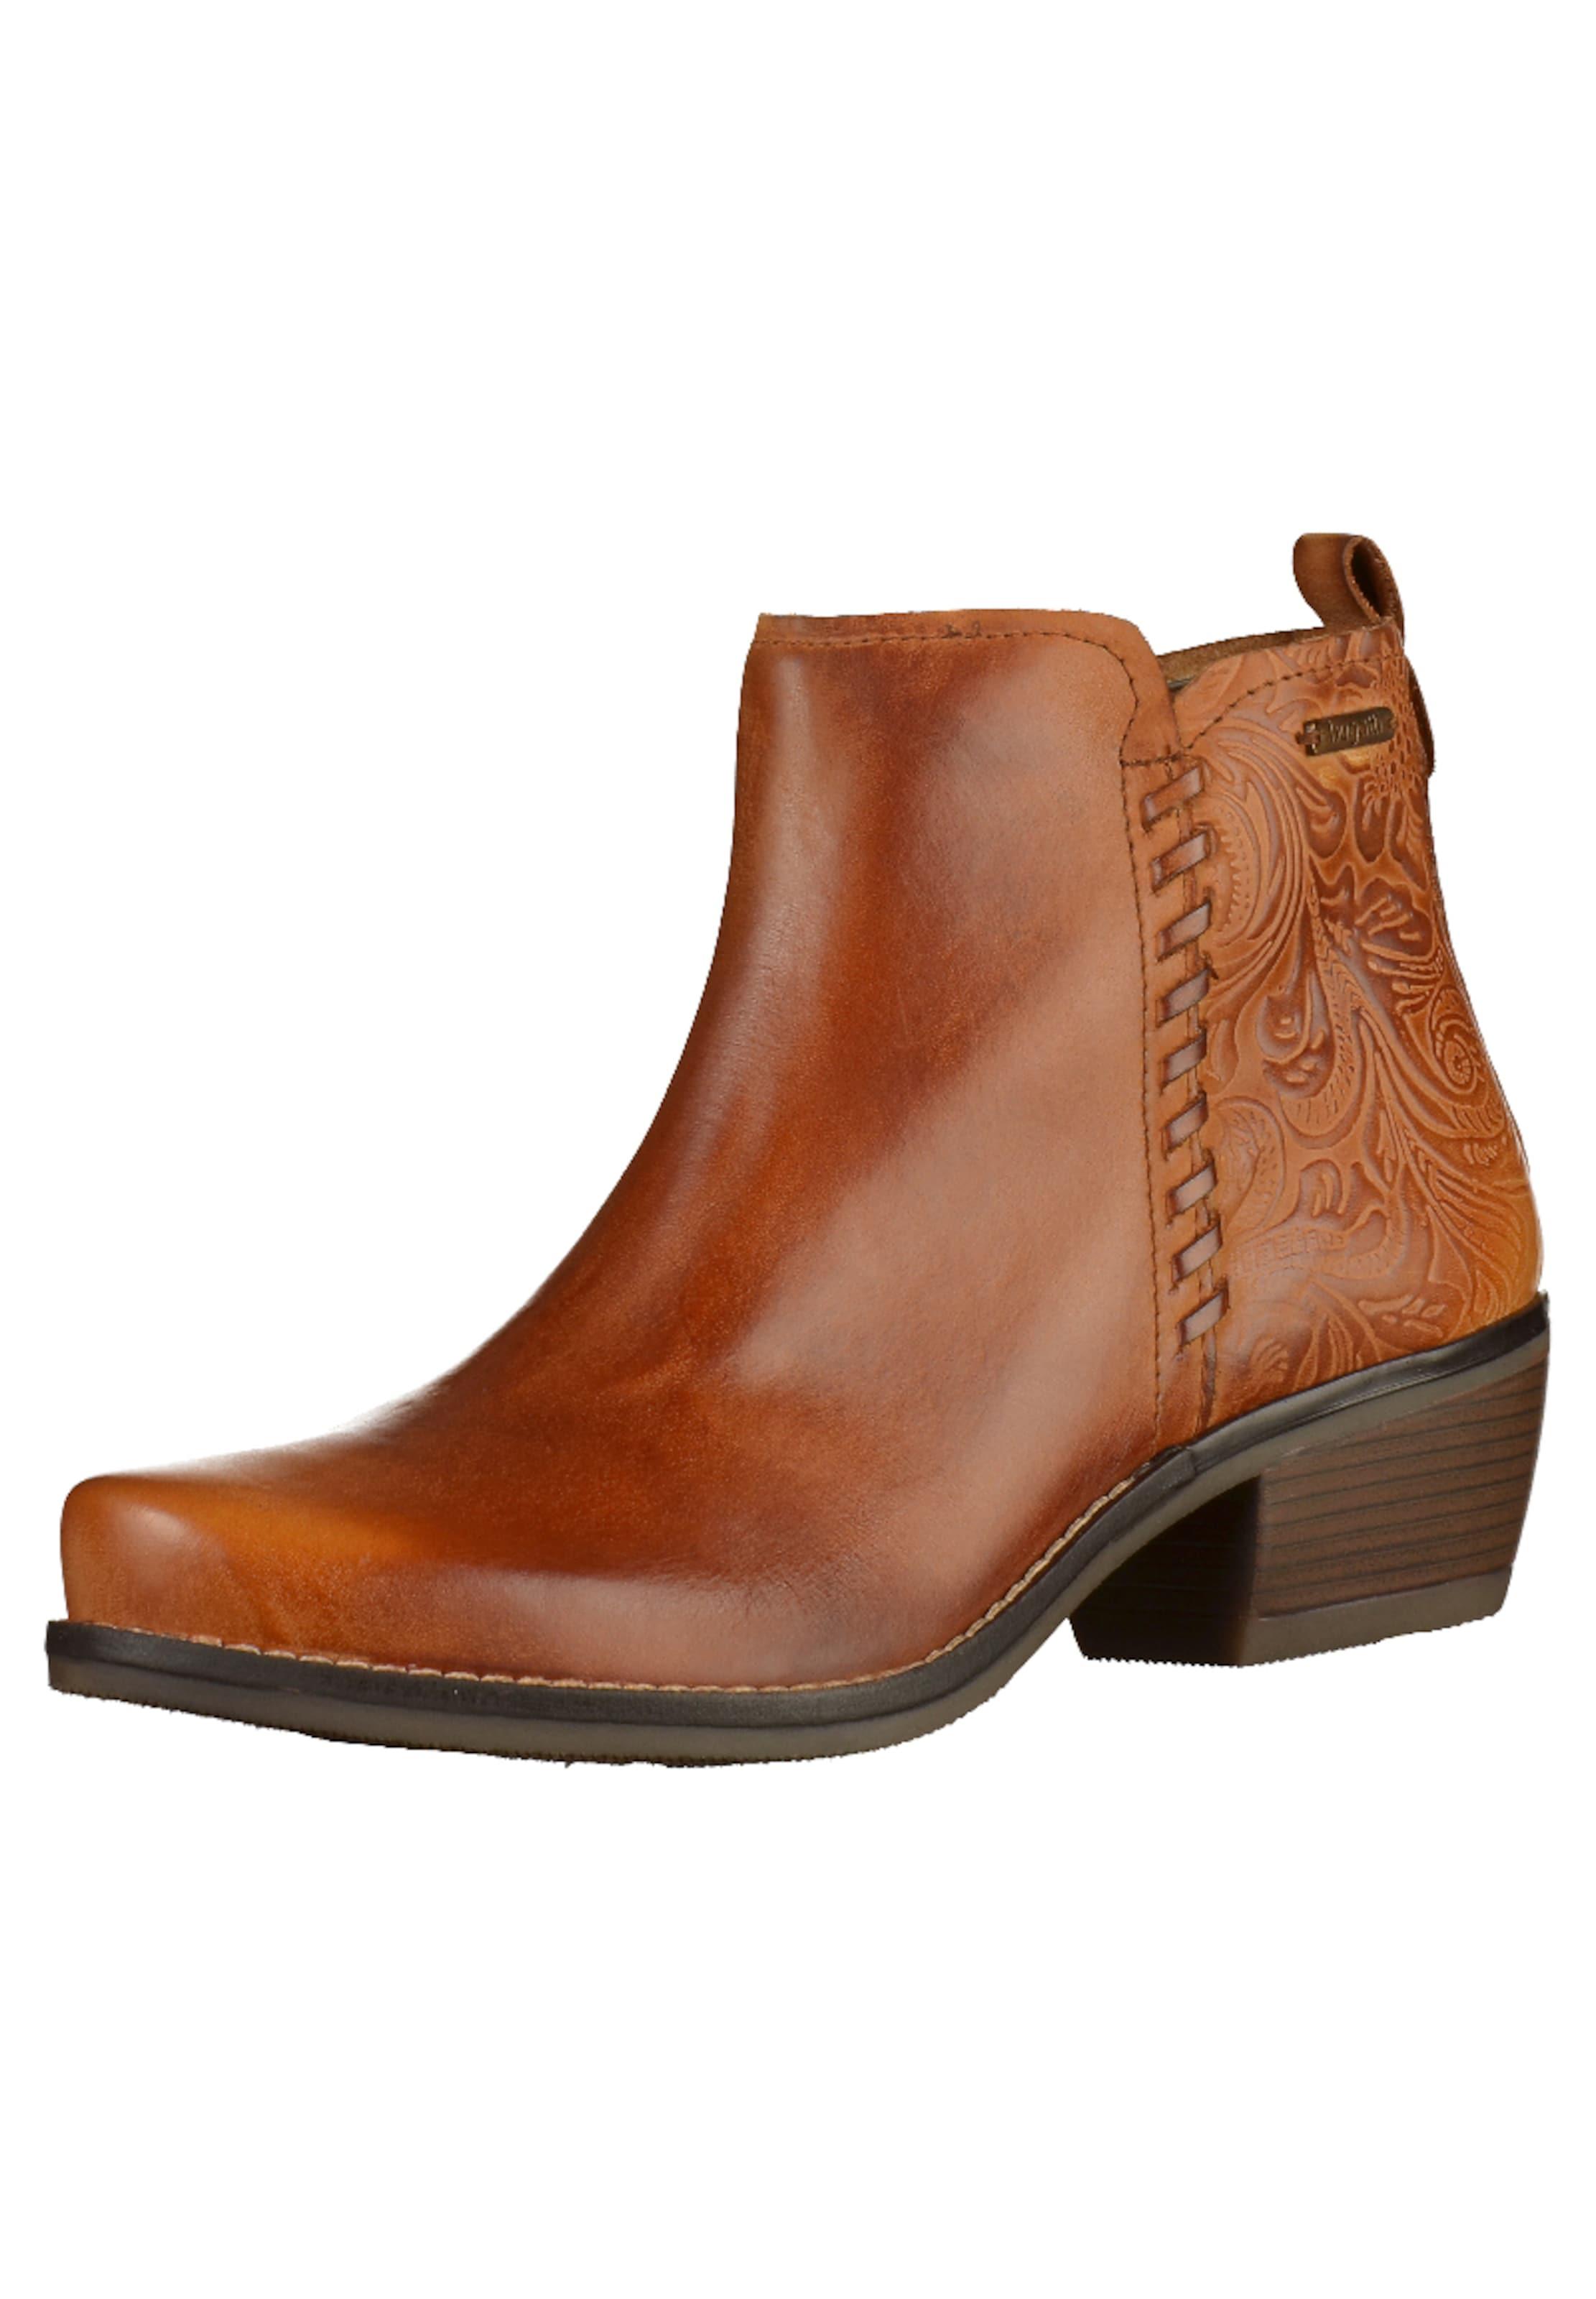 e066620dd8c4c7 bugatti Ankle Boot Verschleißfeste billige Schuhe c4d2f7 - 7video.online